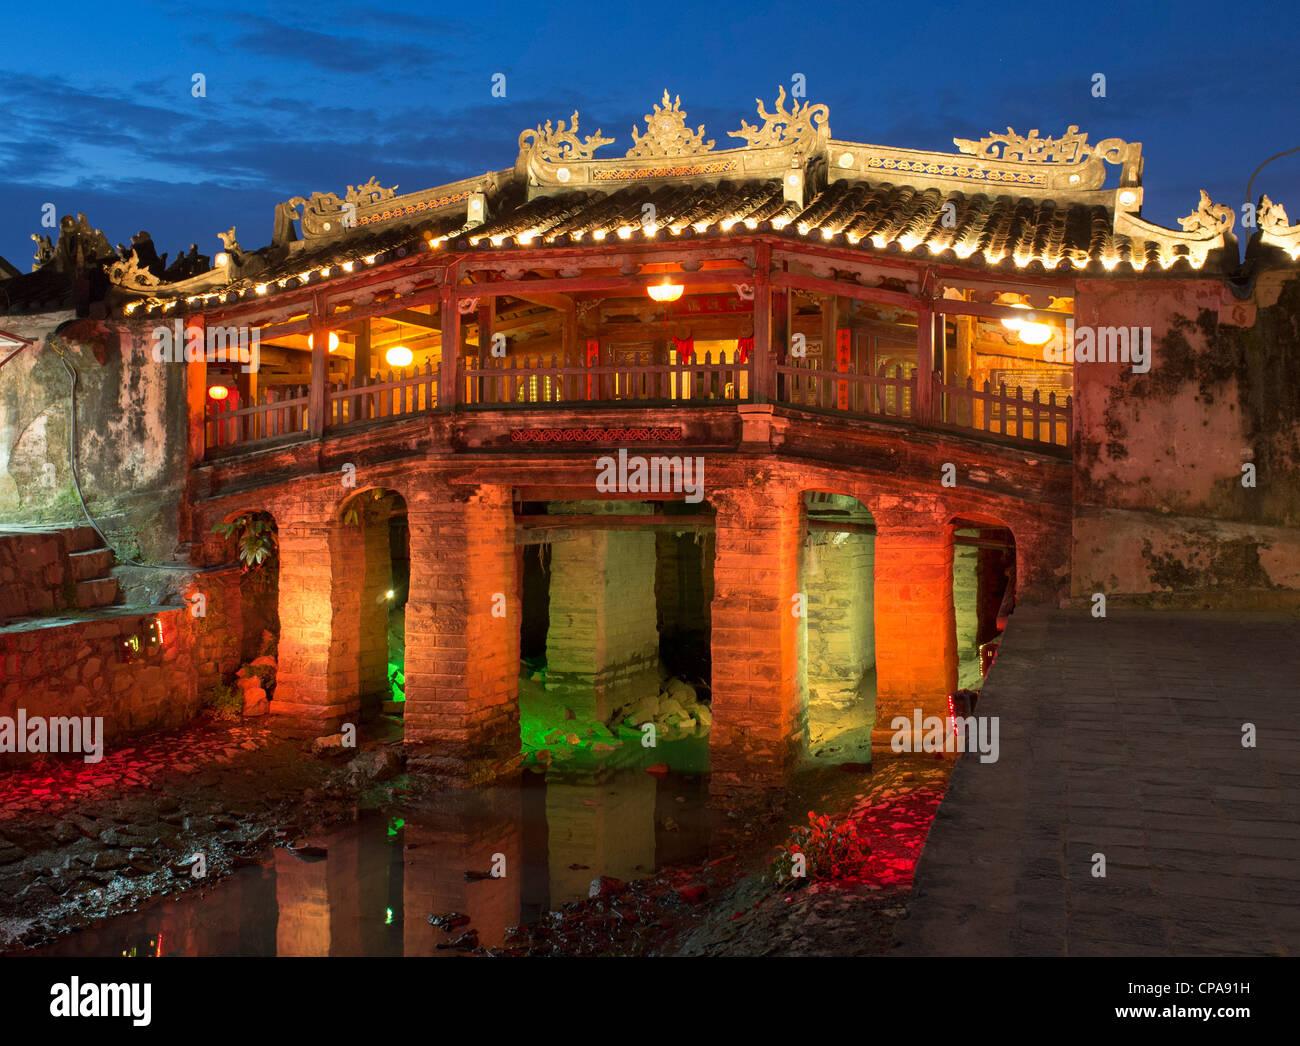 Illuminata di notte vista del centro storico di ponte coperto giapponese nel patrimonio mondiale di UNESCO città Immagini Stock